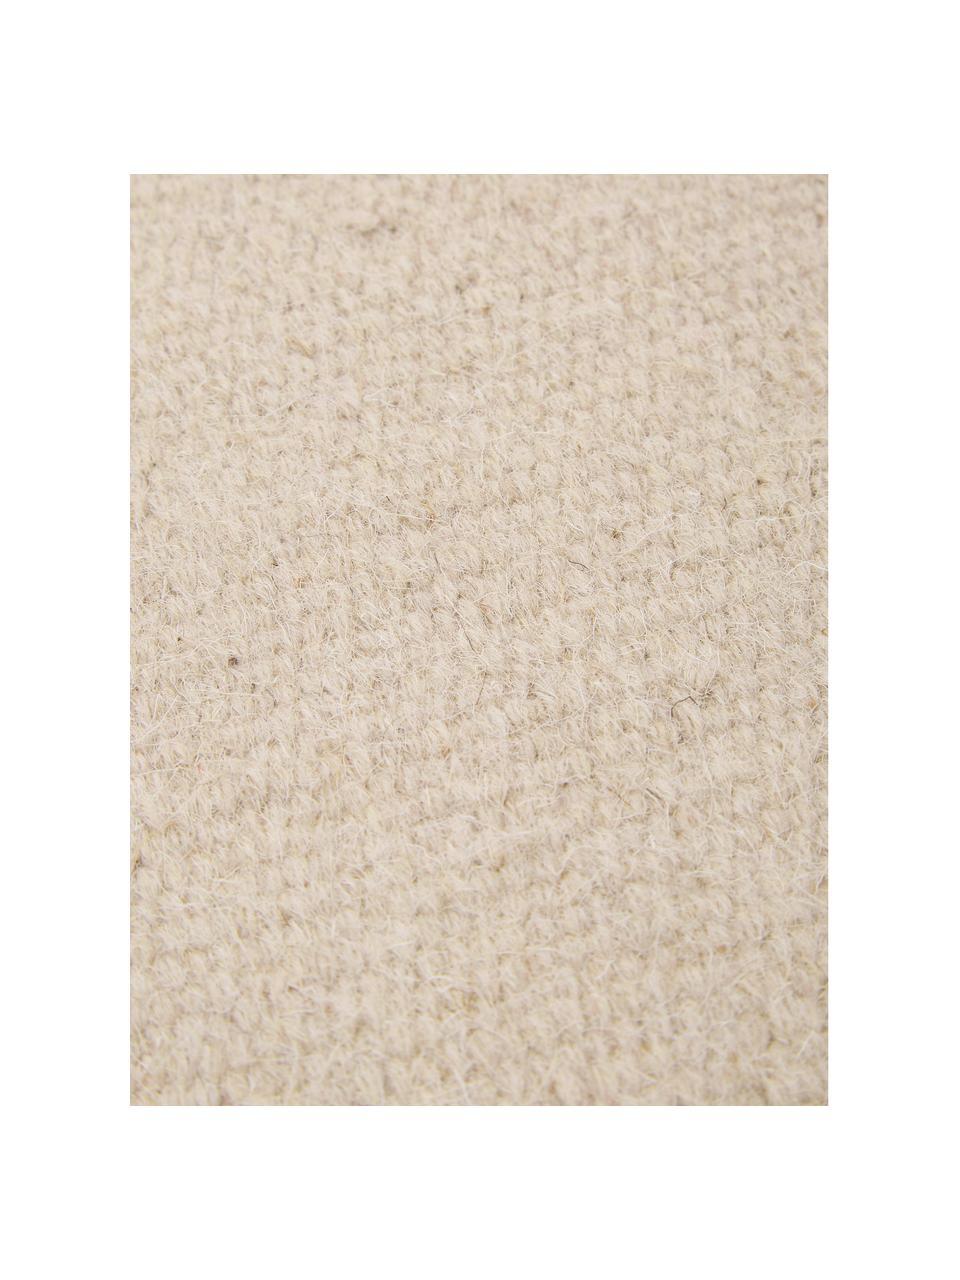 Handgewebter Kelimteppich Rainbow aus Wolle in Beige mit Fransen, Fransen: 100% Baumwolle Bei Wollte, Sandfarben, B 170 x L 240 cm (Größe M)